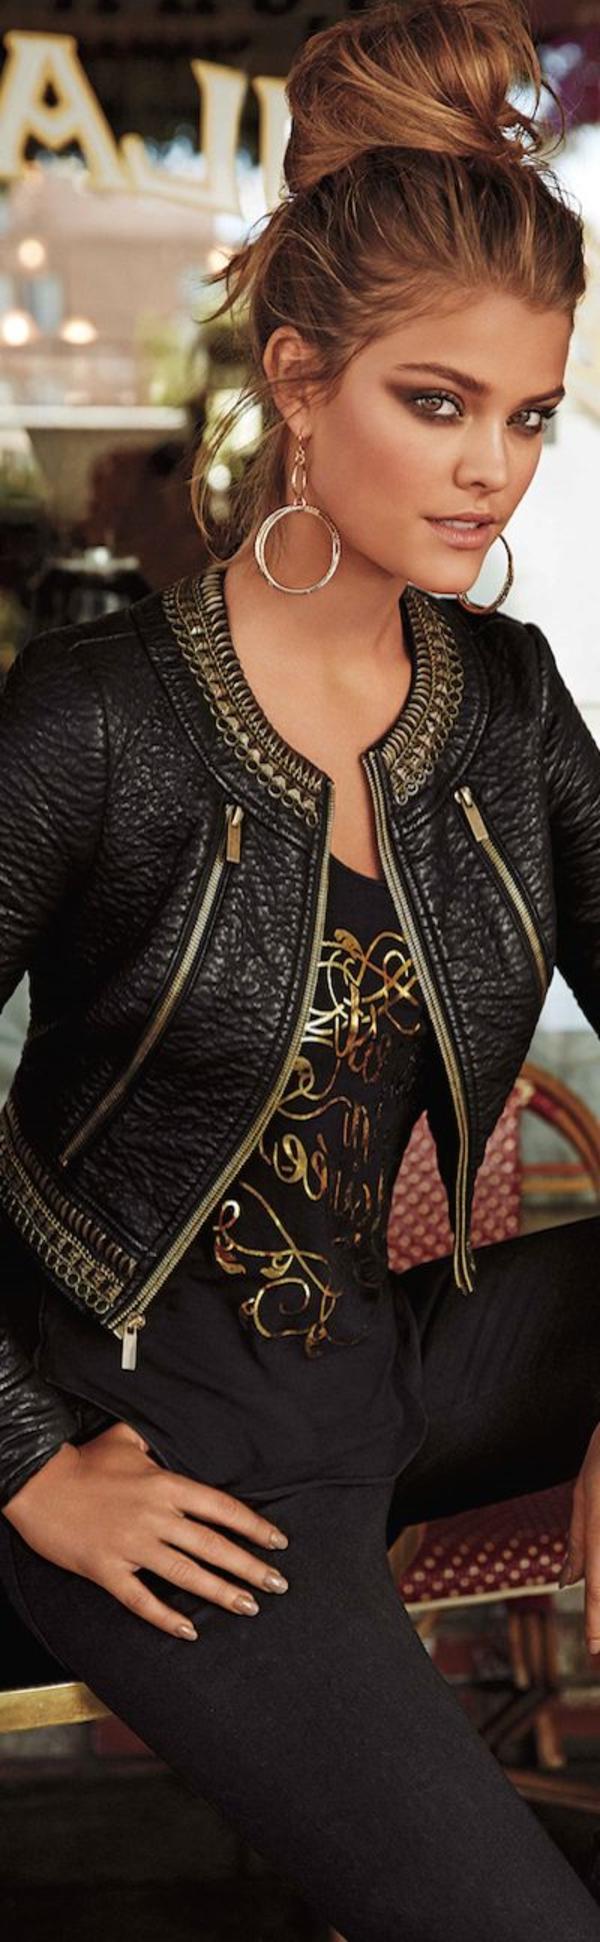 Veste-en-cuir-femme-chic-égiptienne